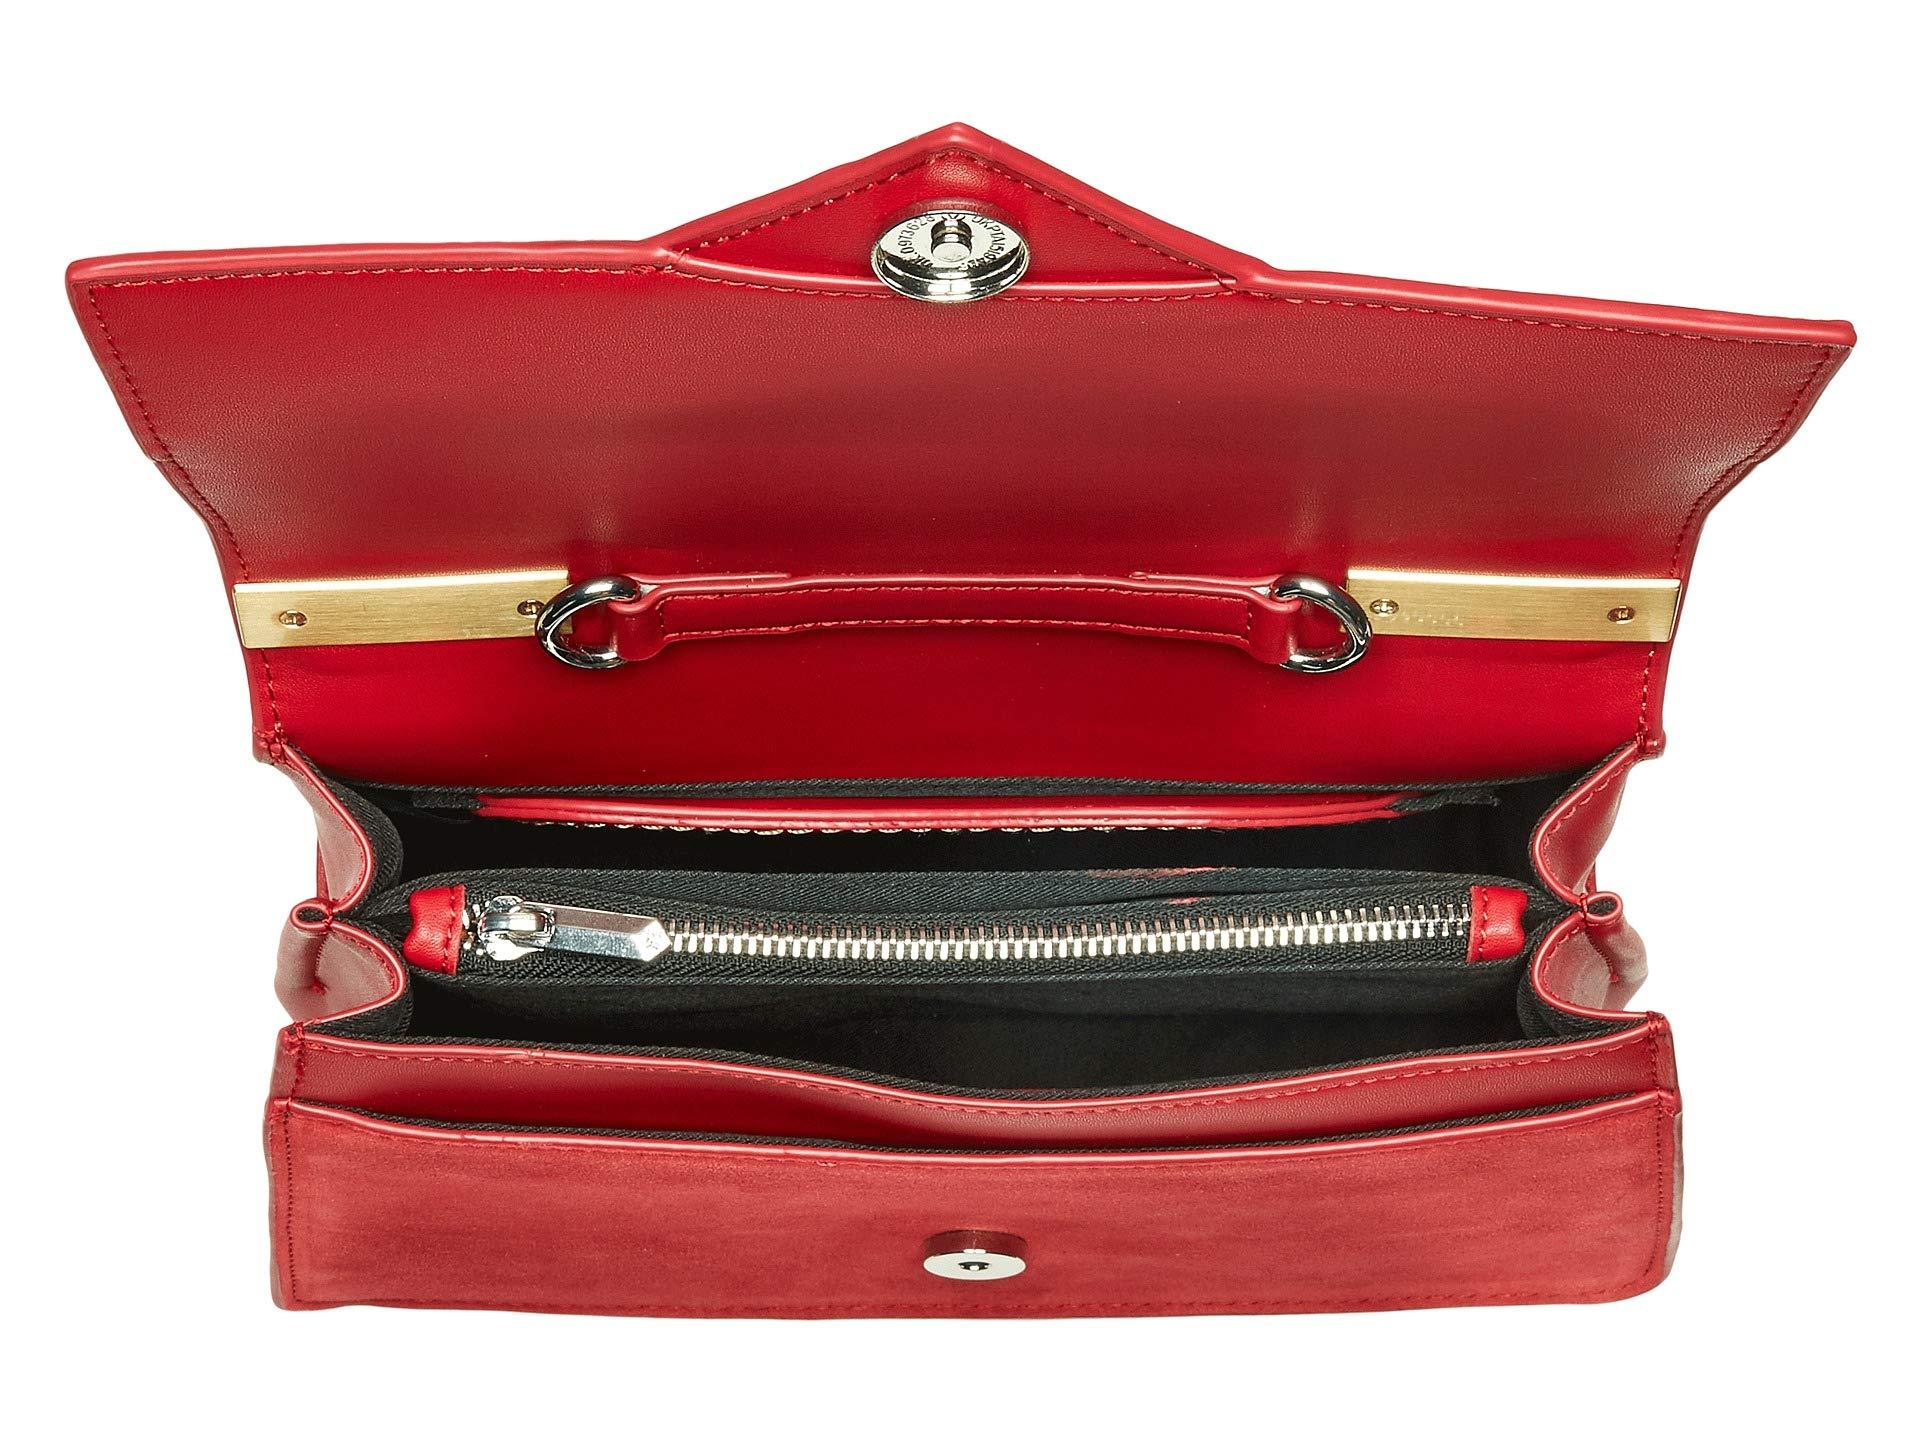 Shoulder Devon Red Edelman Bag Sam wxYp1Sq0